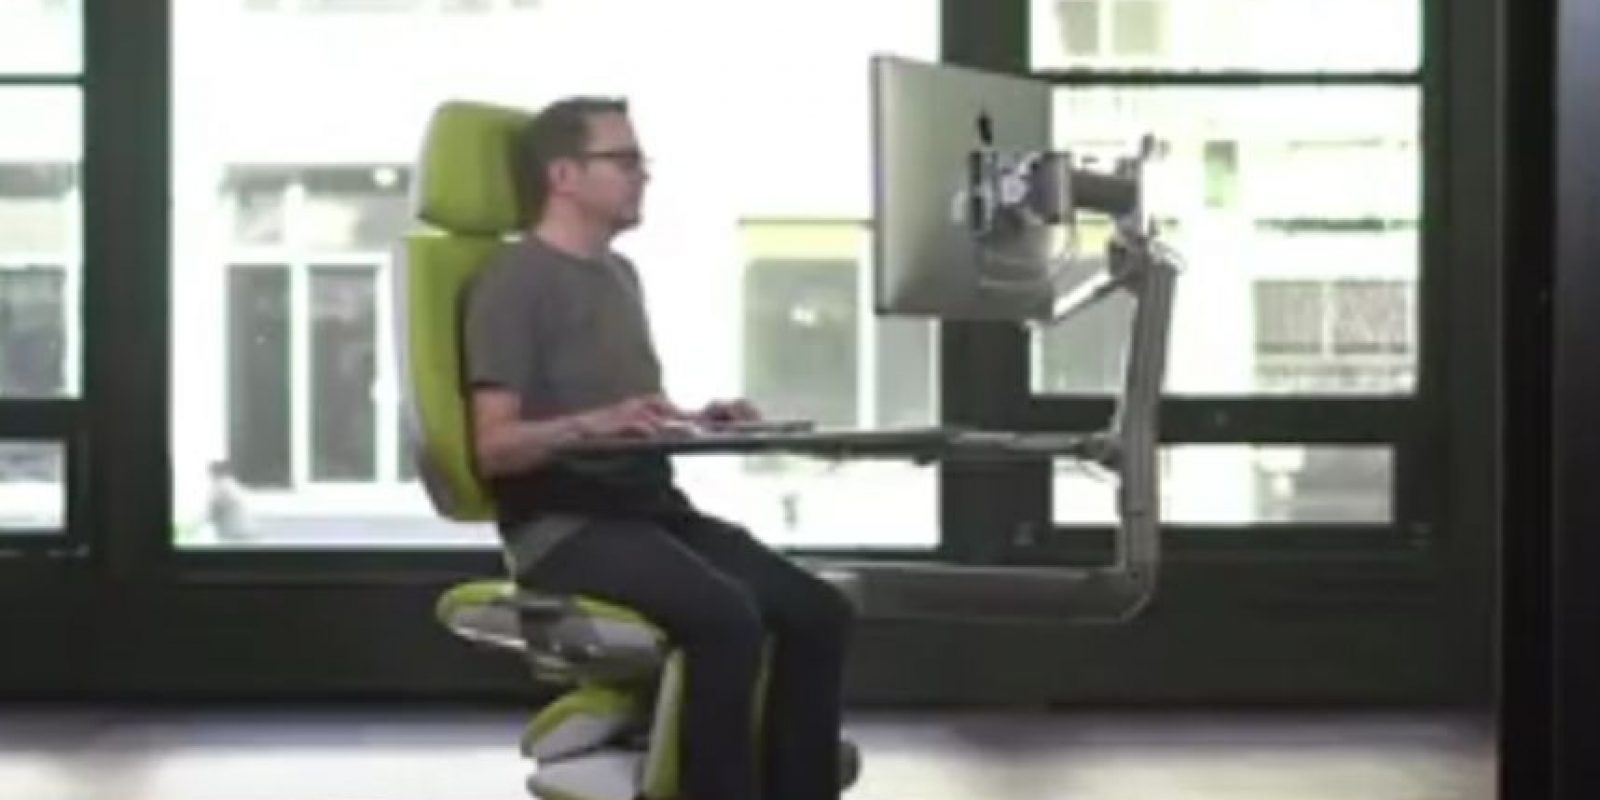 Programadores, diseñadores, escritores y cualquier persona que utiliza un ordenador como su herramienta principal de trabajo. Foto:Vía Youtube/AltWork